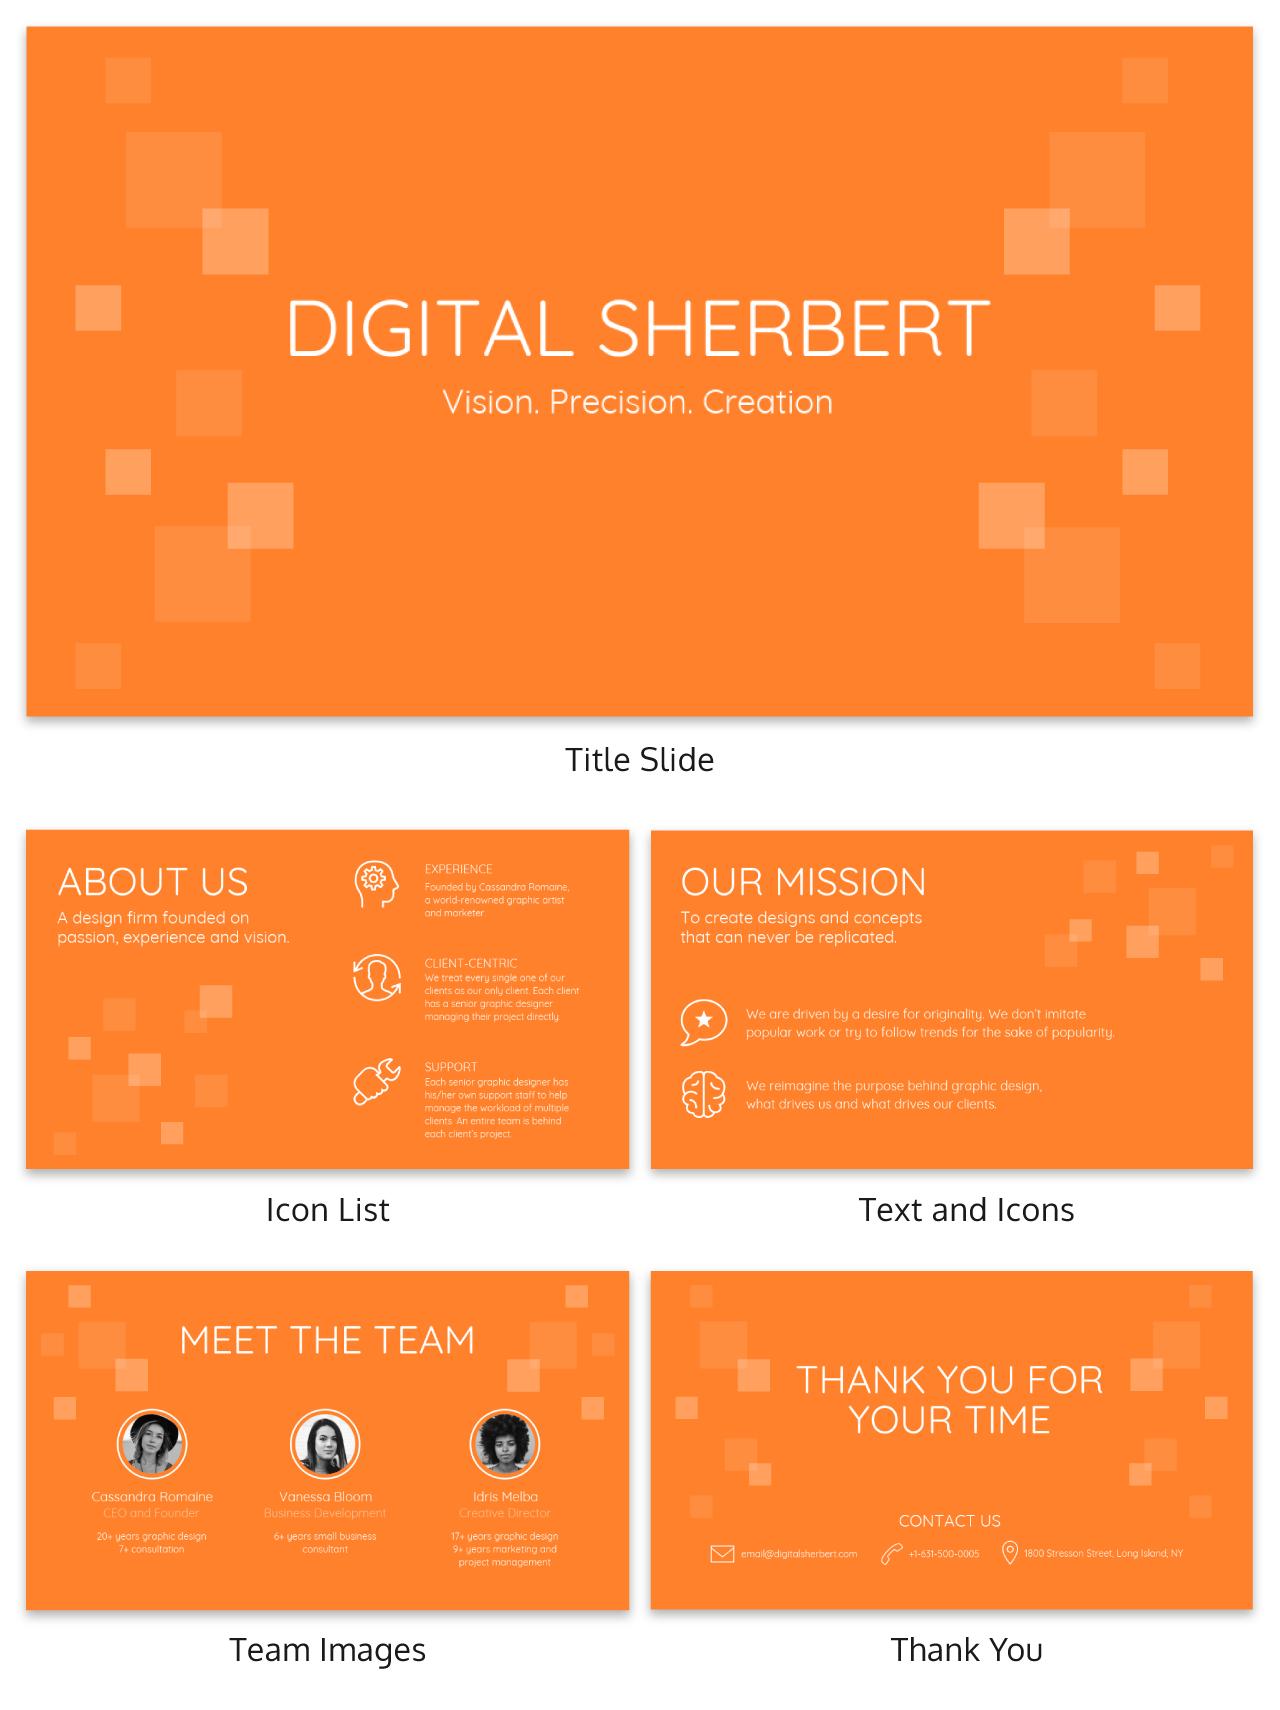 Sherbert Business Presentation Template